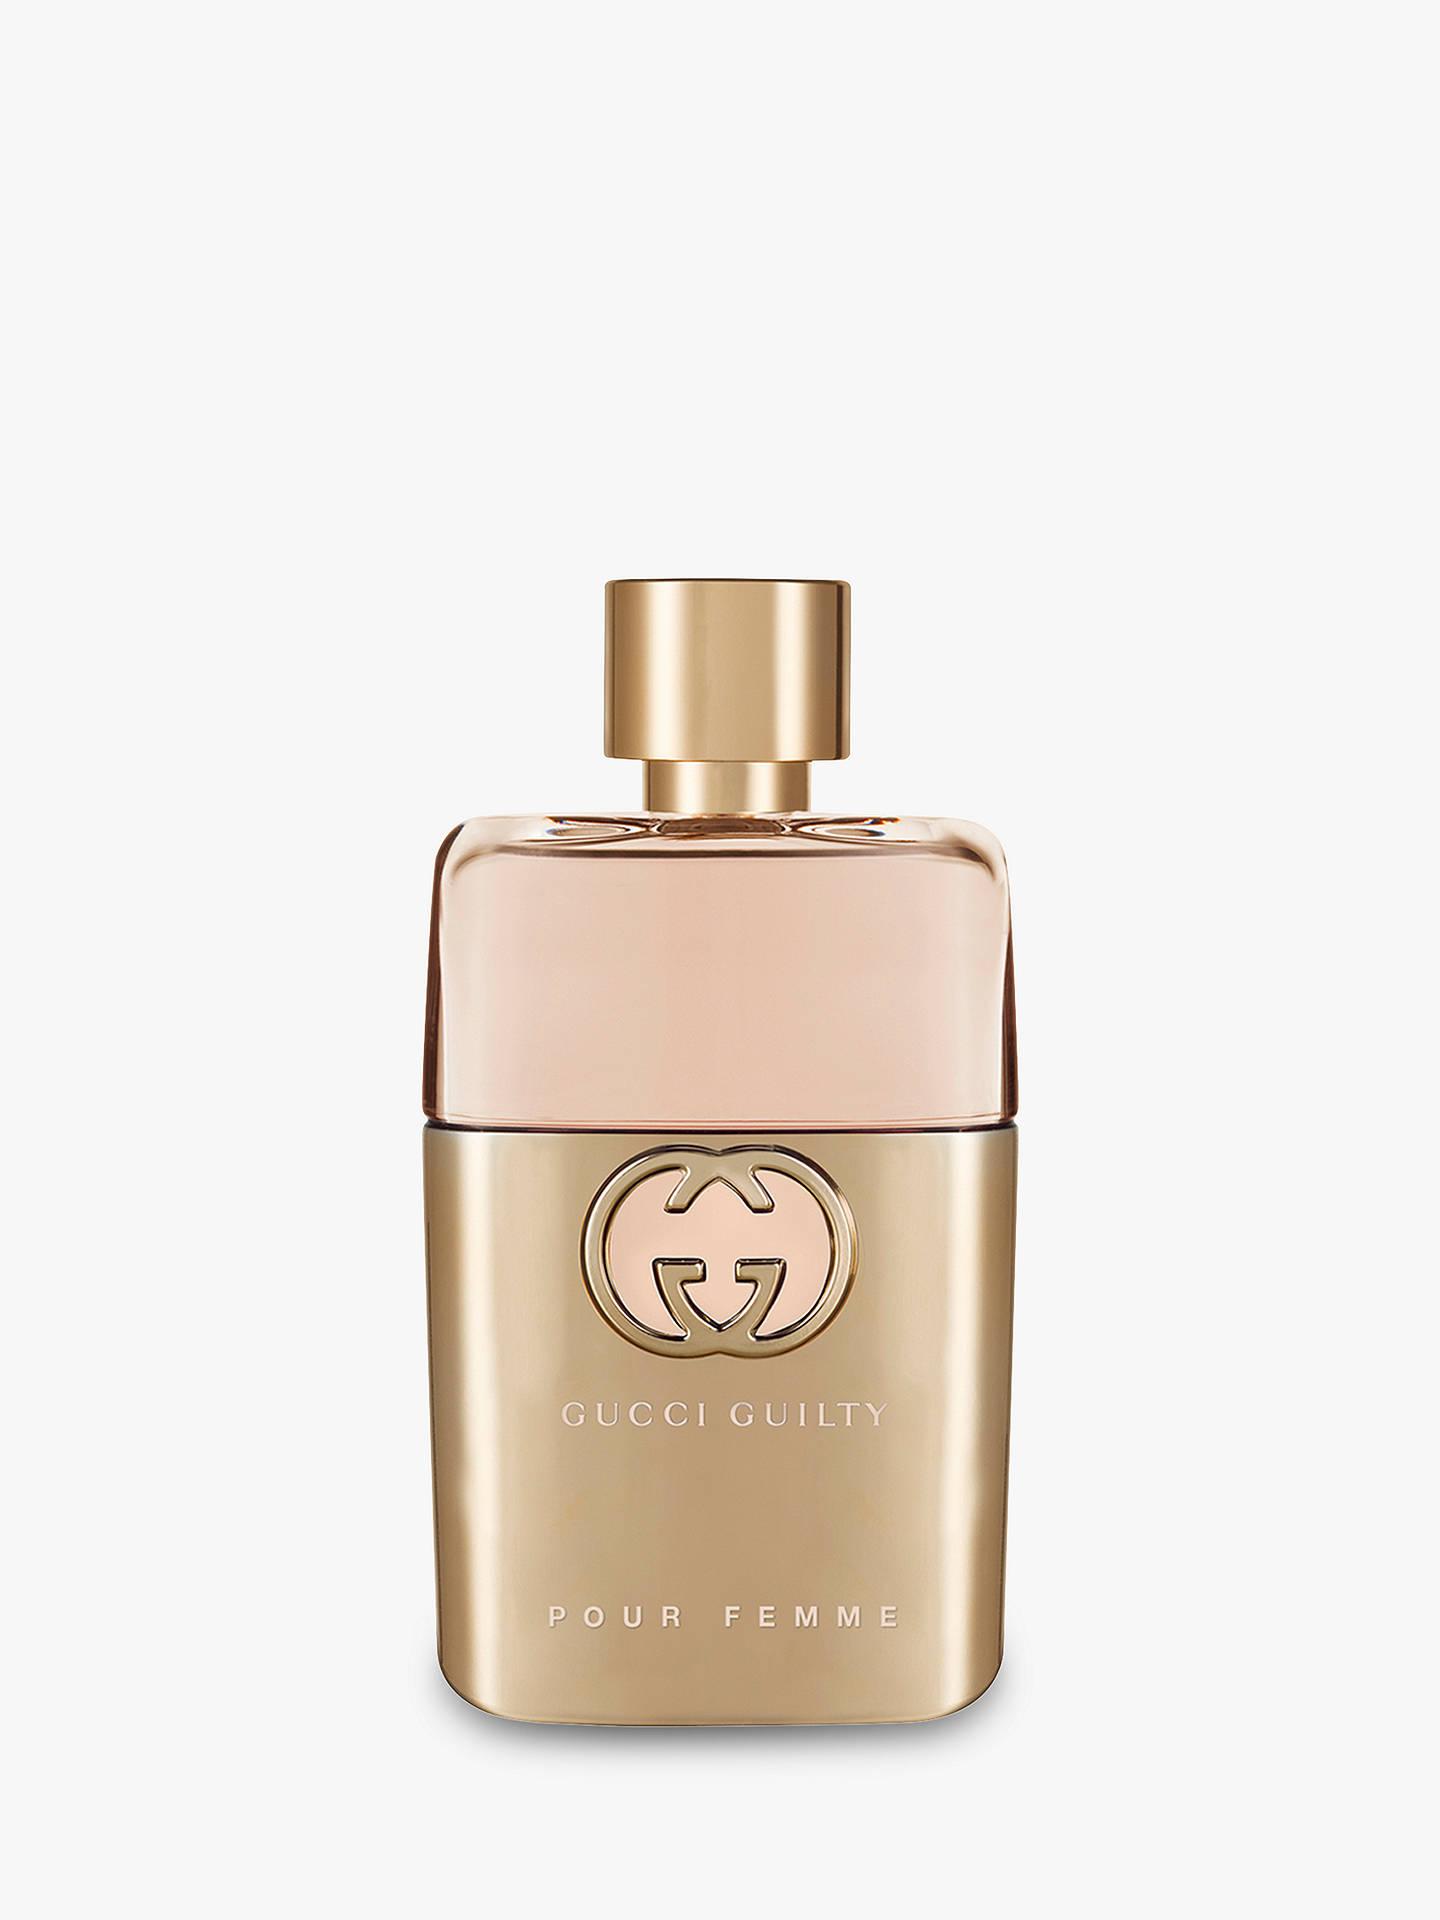 a20712ec3 Buy Gucci Guilty Eau de Parfum For Her, 50ml Online at johnlewis.com ...